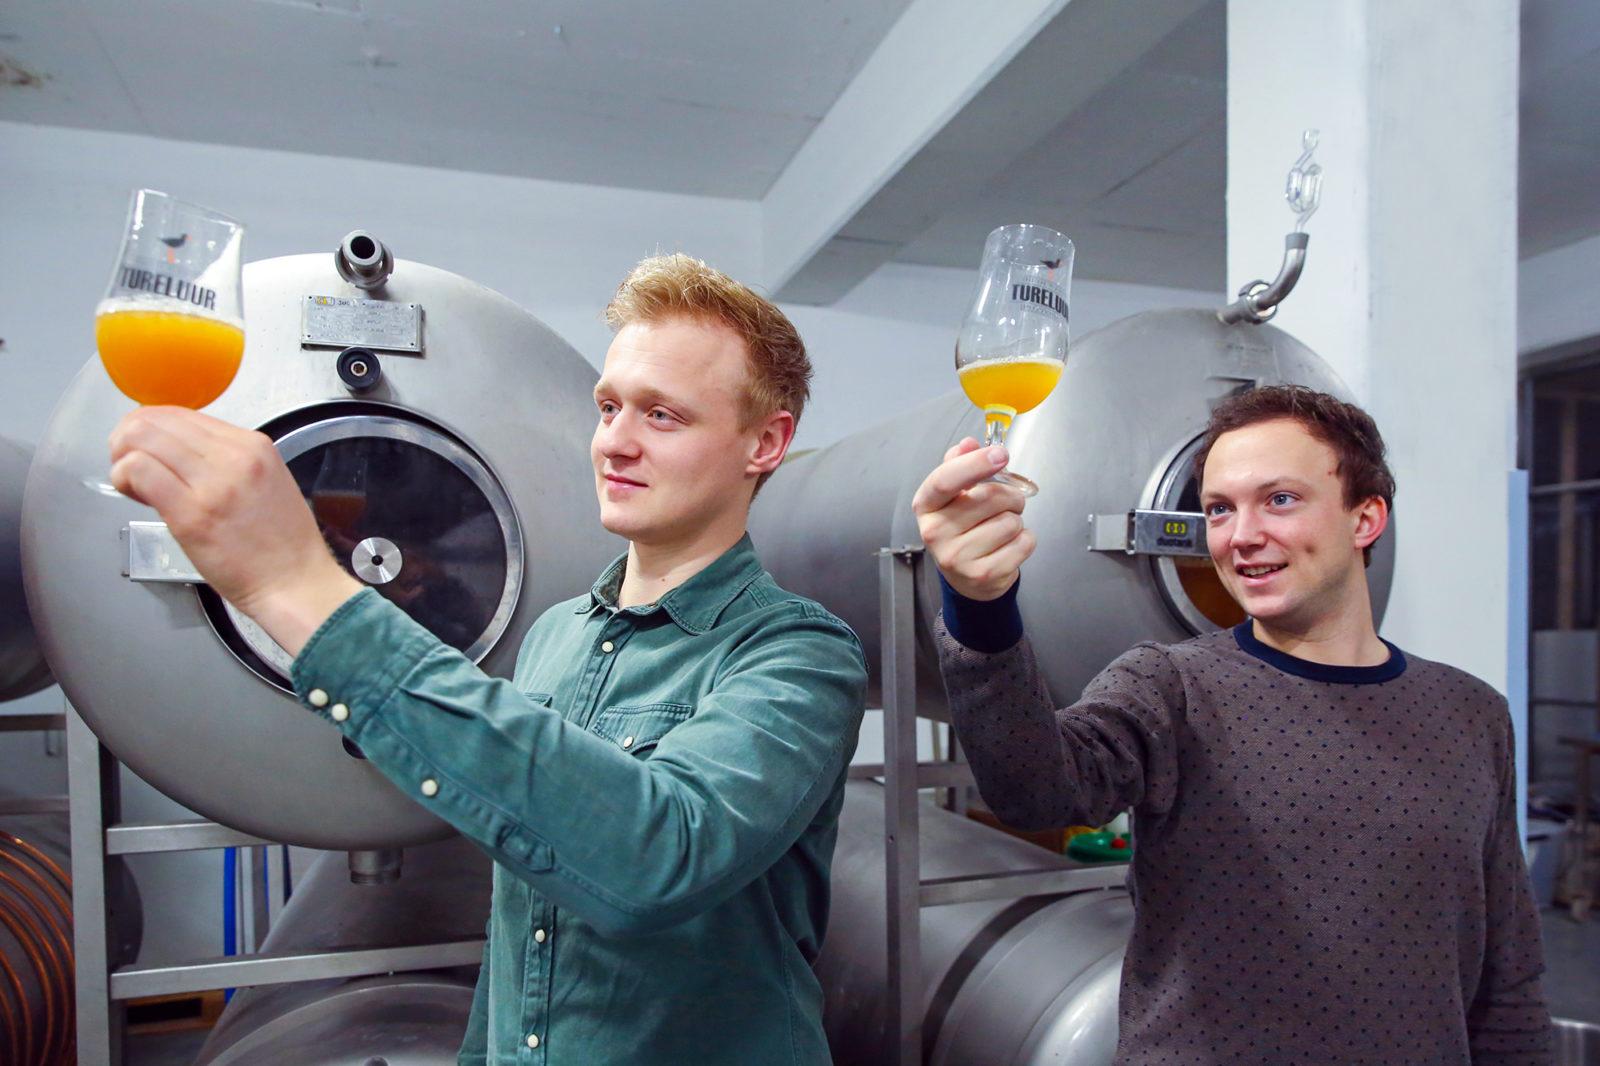 frank-smitshoek-eric-krommenhoek-start-up-brouwerij-tureluur-Sanne-van-der-Most